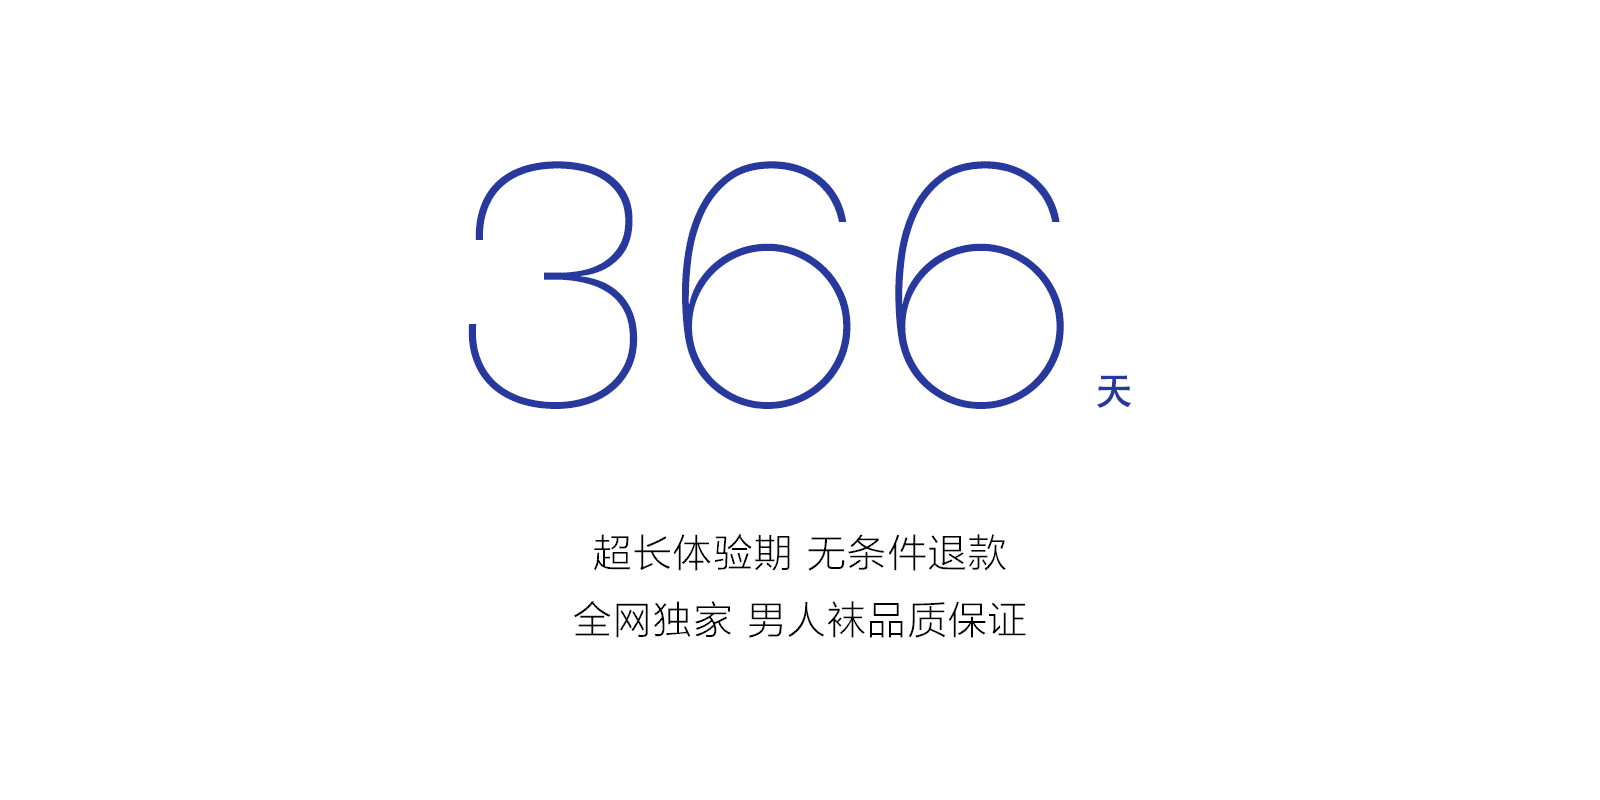 366 天無條件退換貨